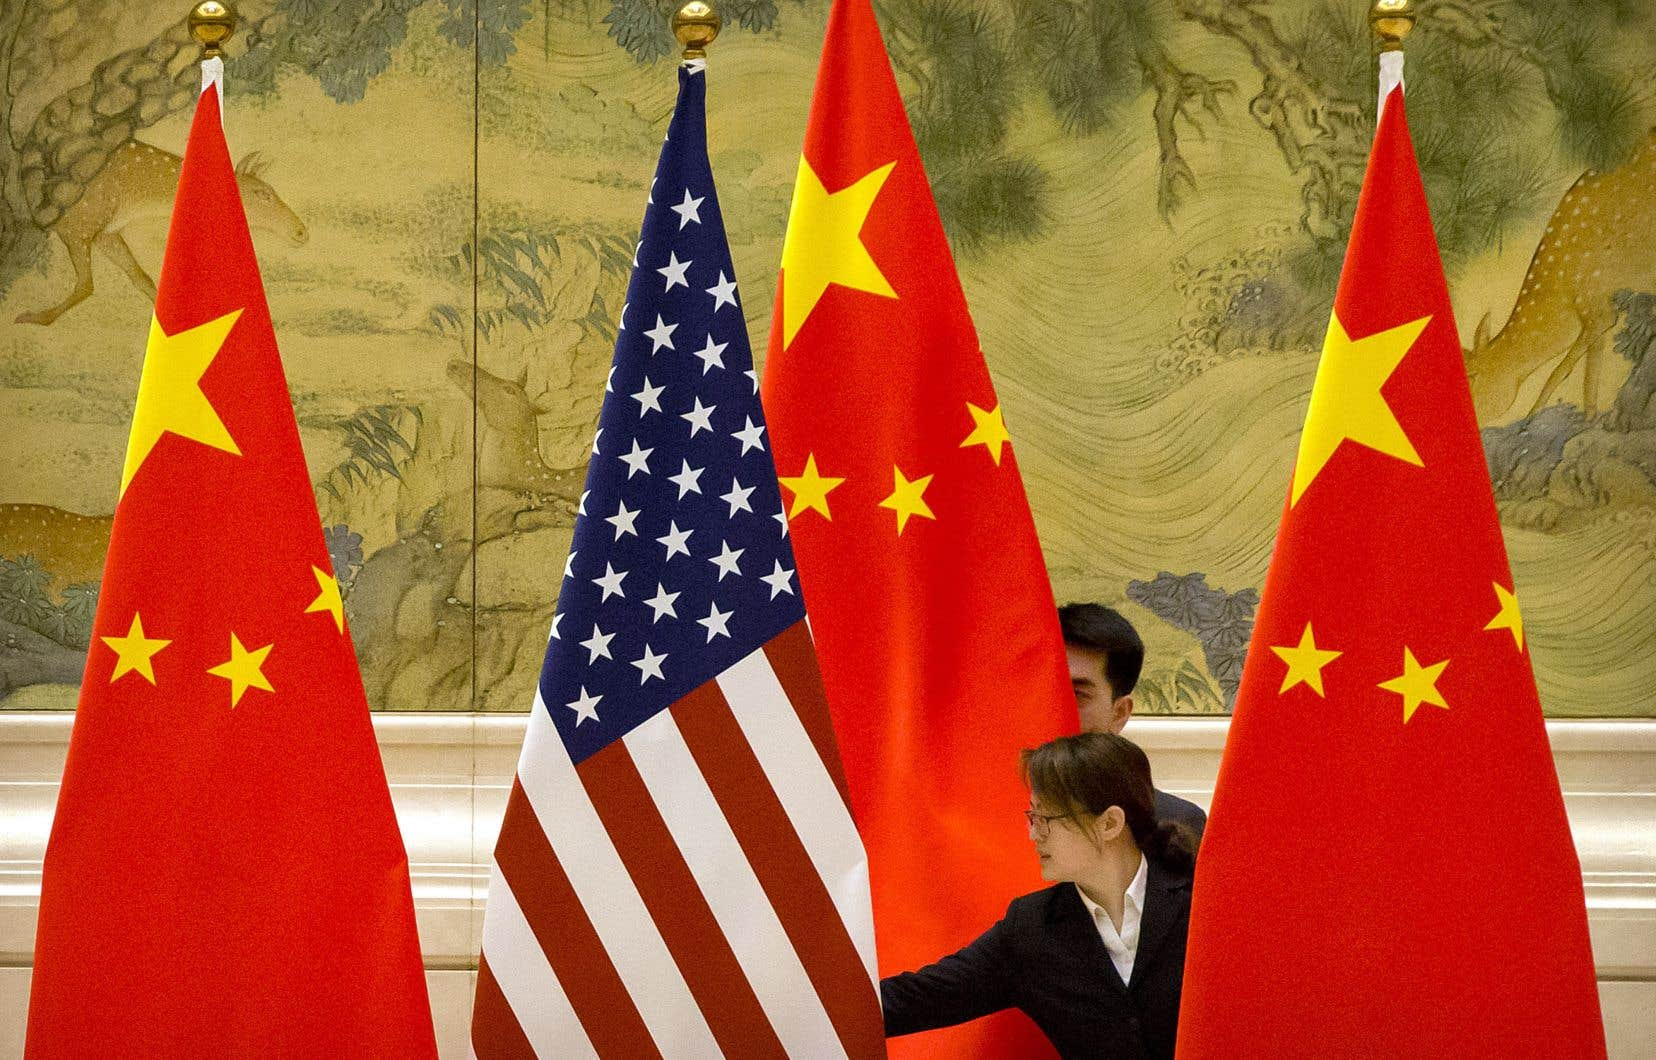 Les observateurs estiment que les États-Unis et la Chine sont entrés dans une ère de compétition stratégique acharnée pour la suprématie mondiale. Voire dans une nouvelle guerre froide.